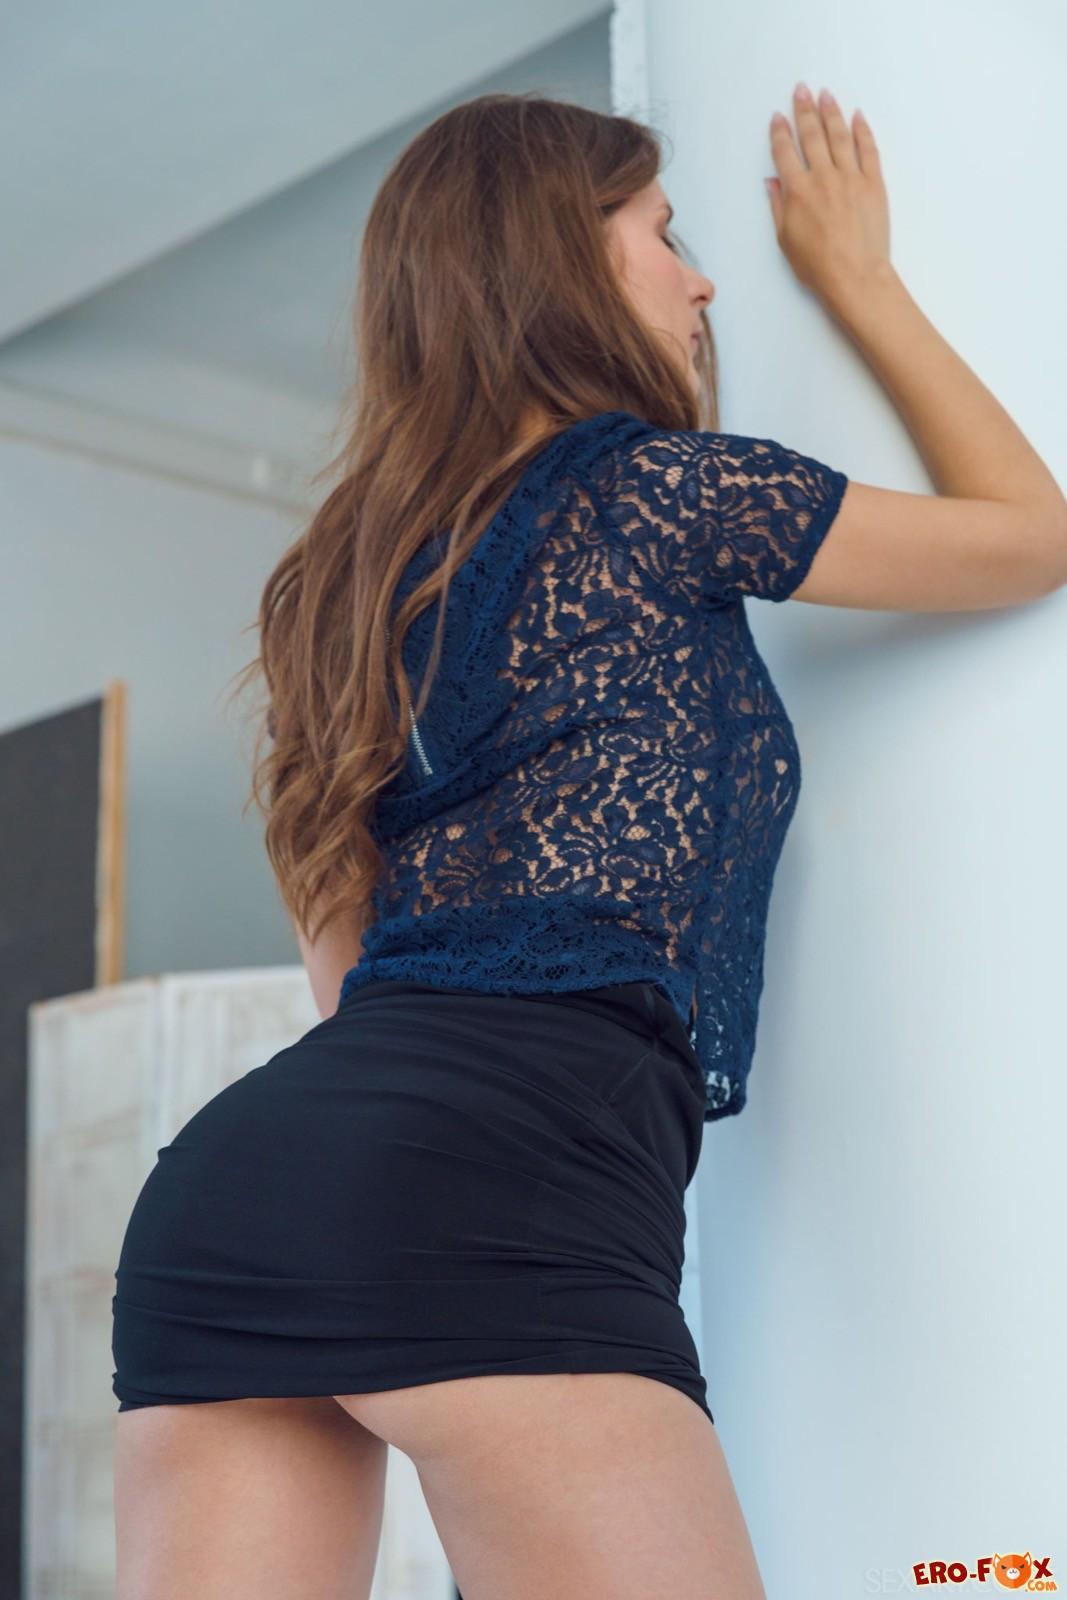 Девушка в обтягивающей юбке разделась догола